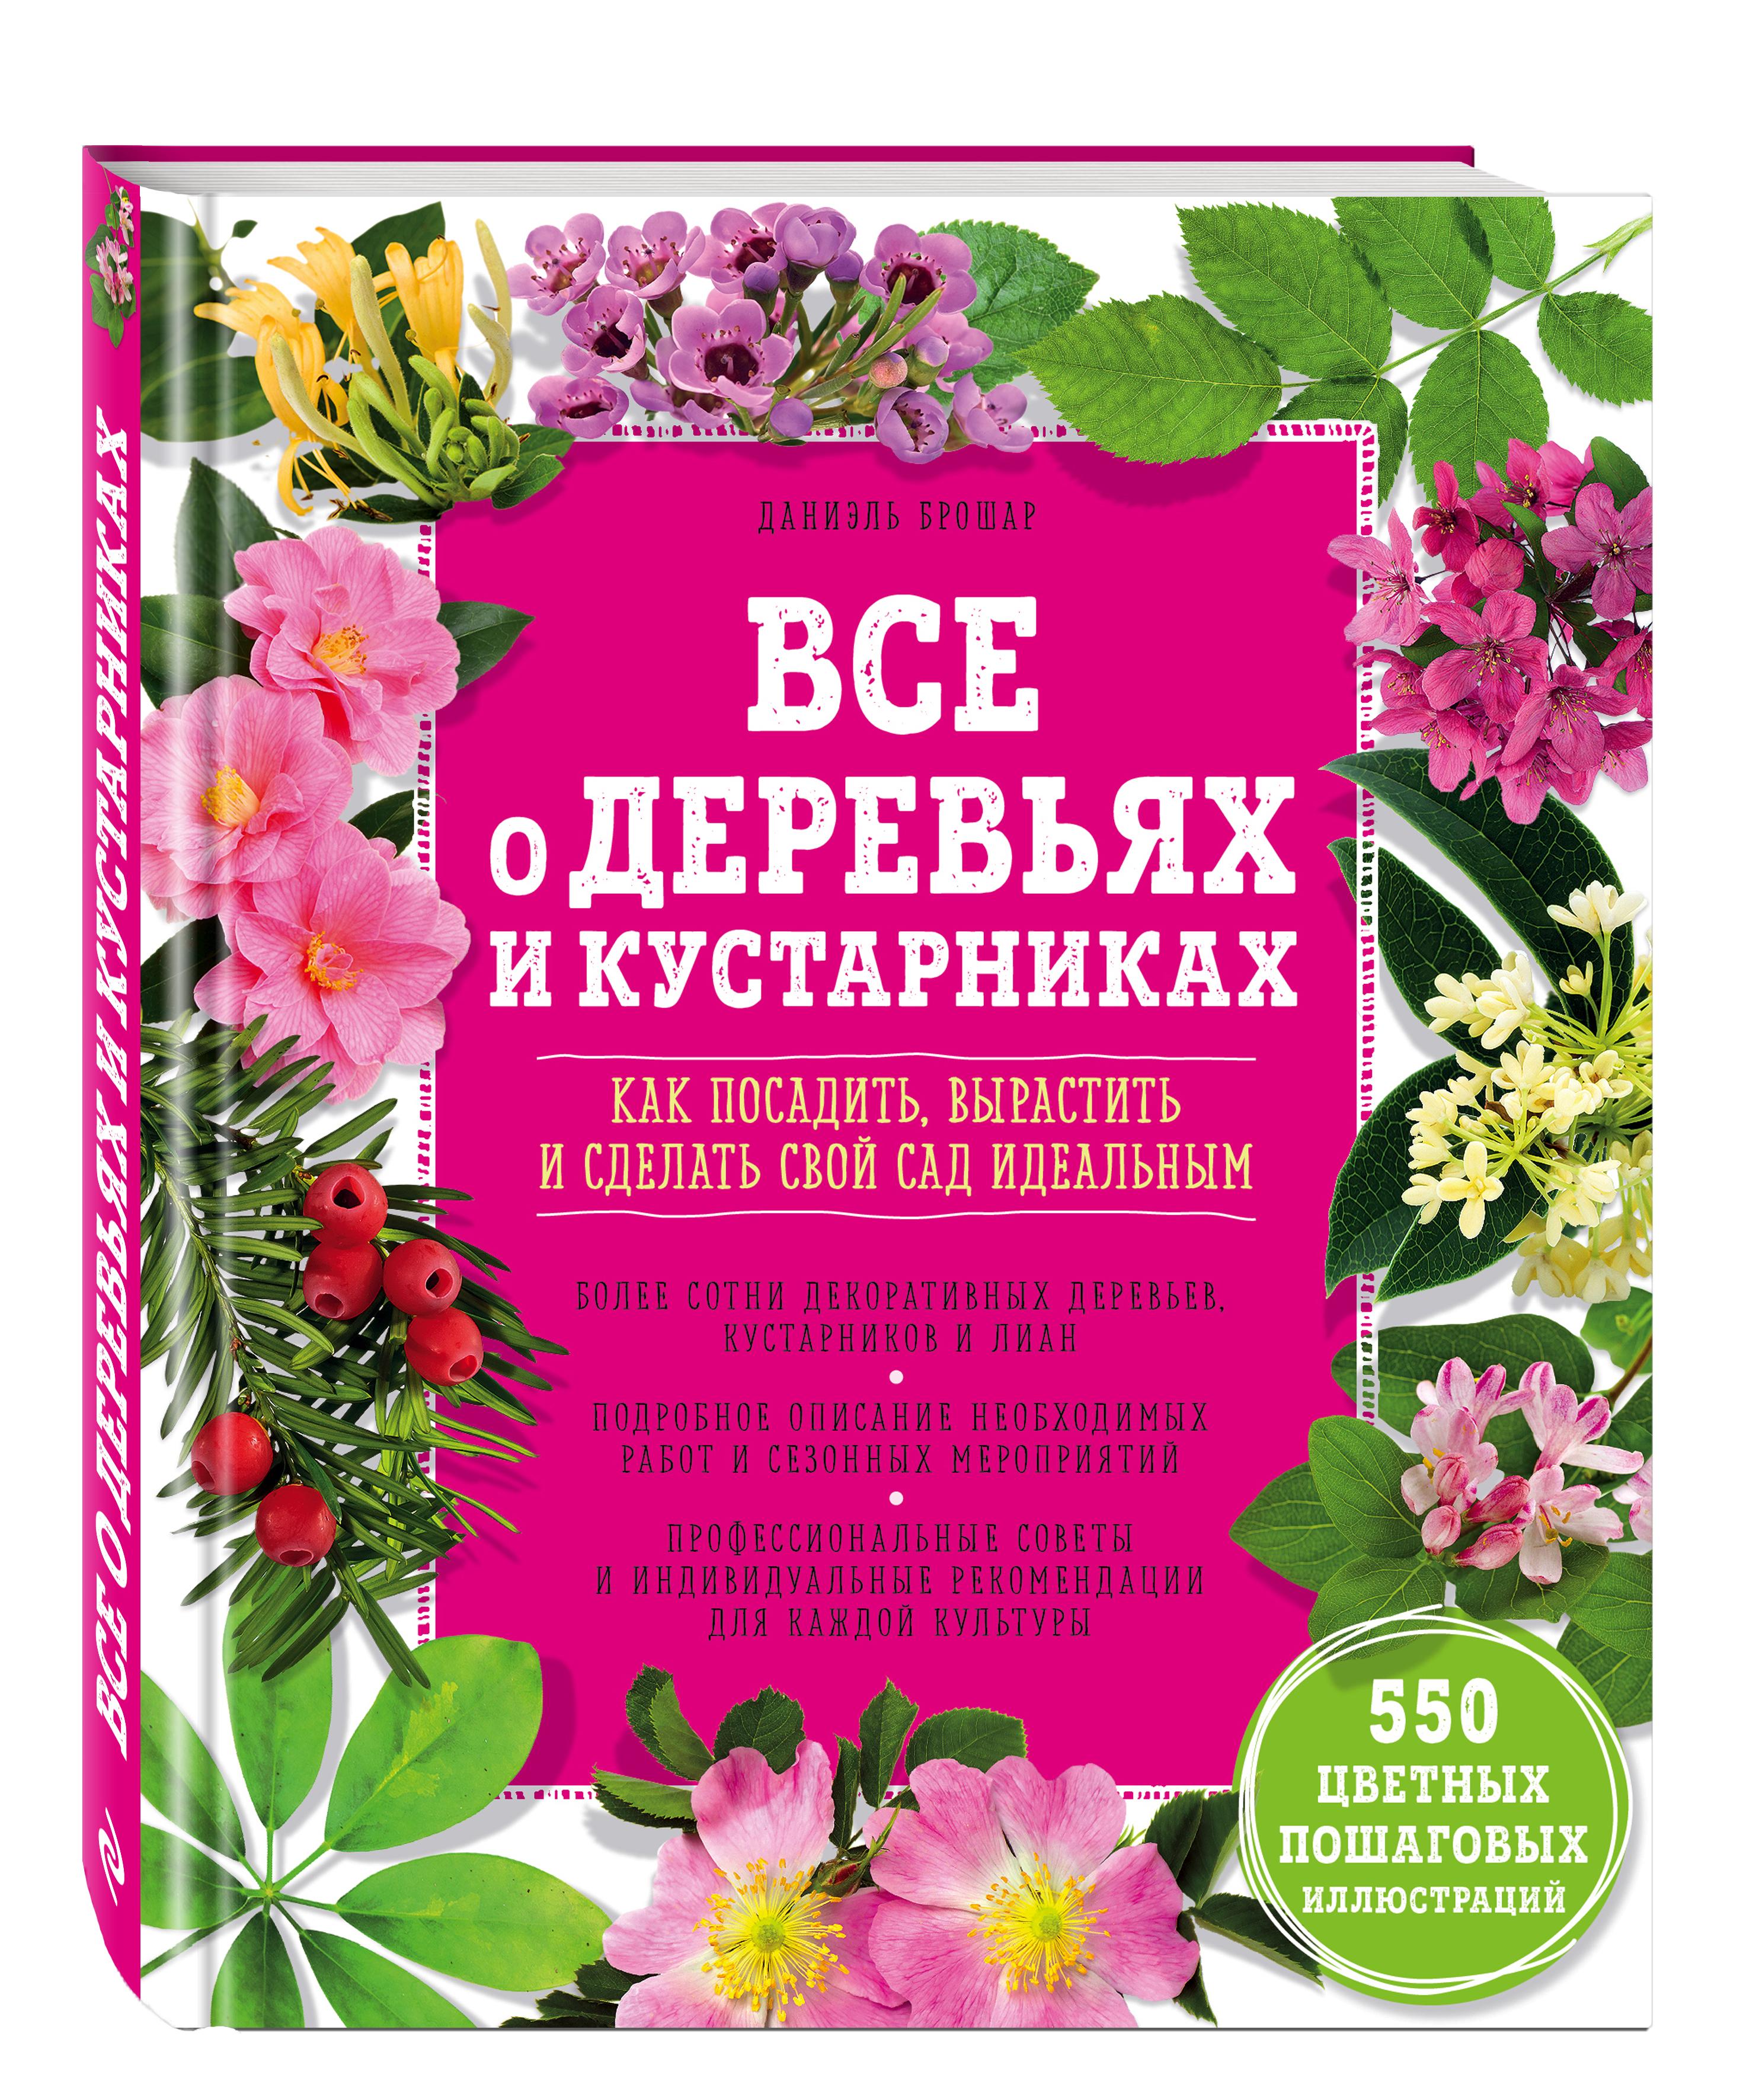 Все о деревьях и кустарниках. Как посадить, вырастить и сделать свой сад идеальным от book24.ru